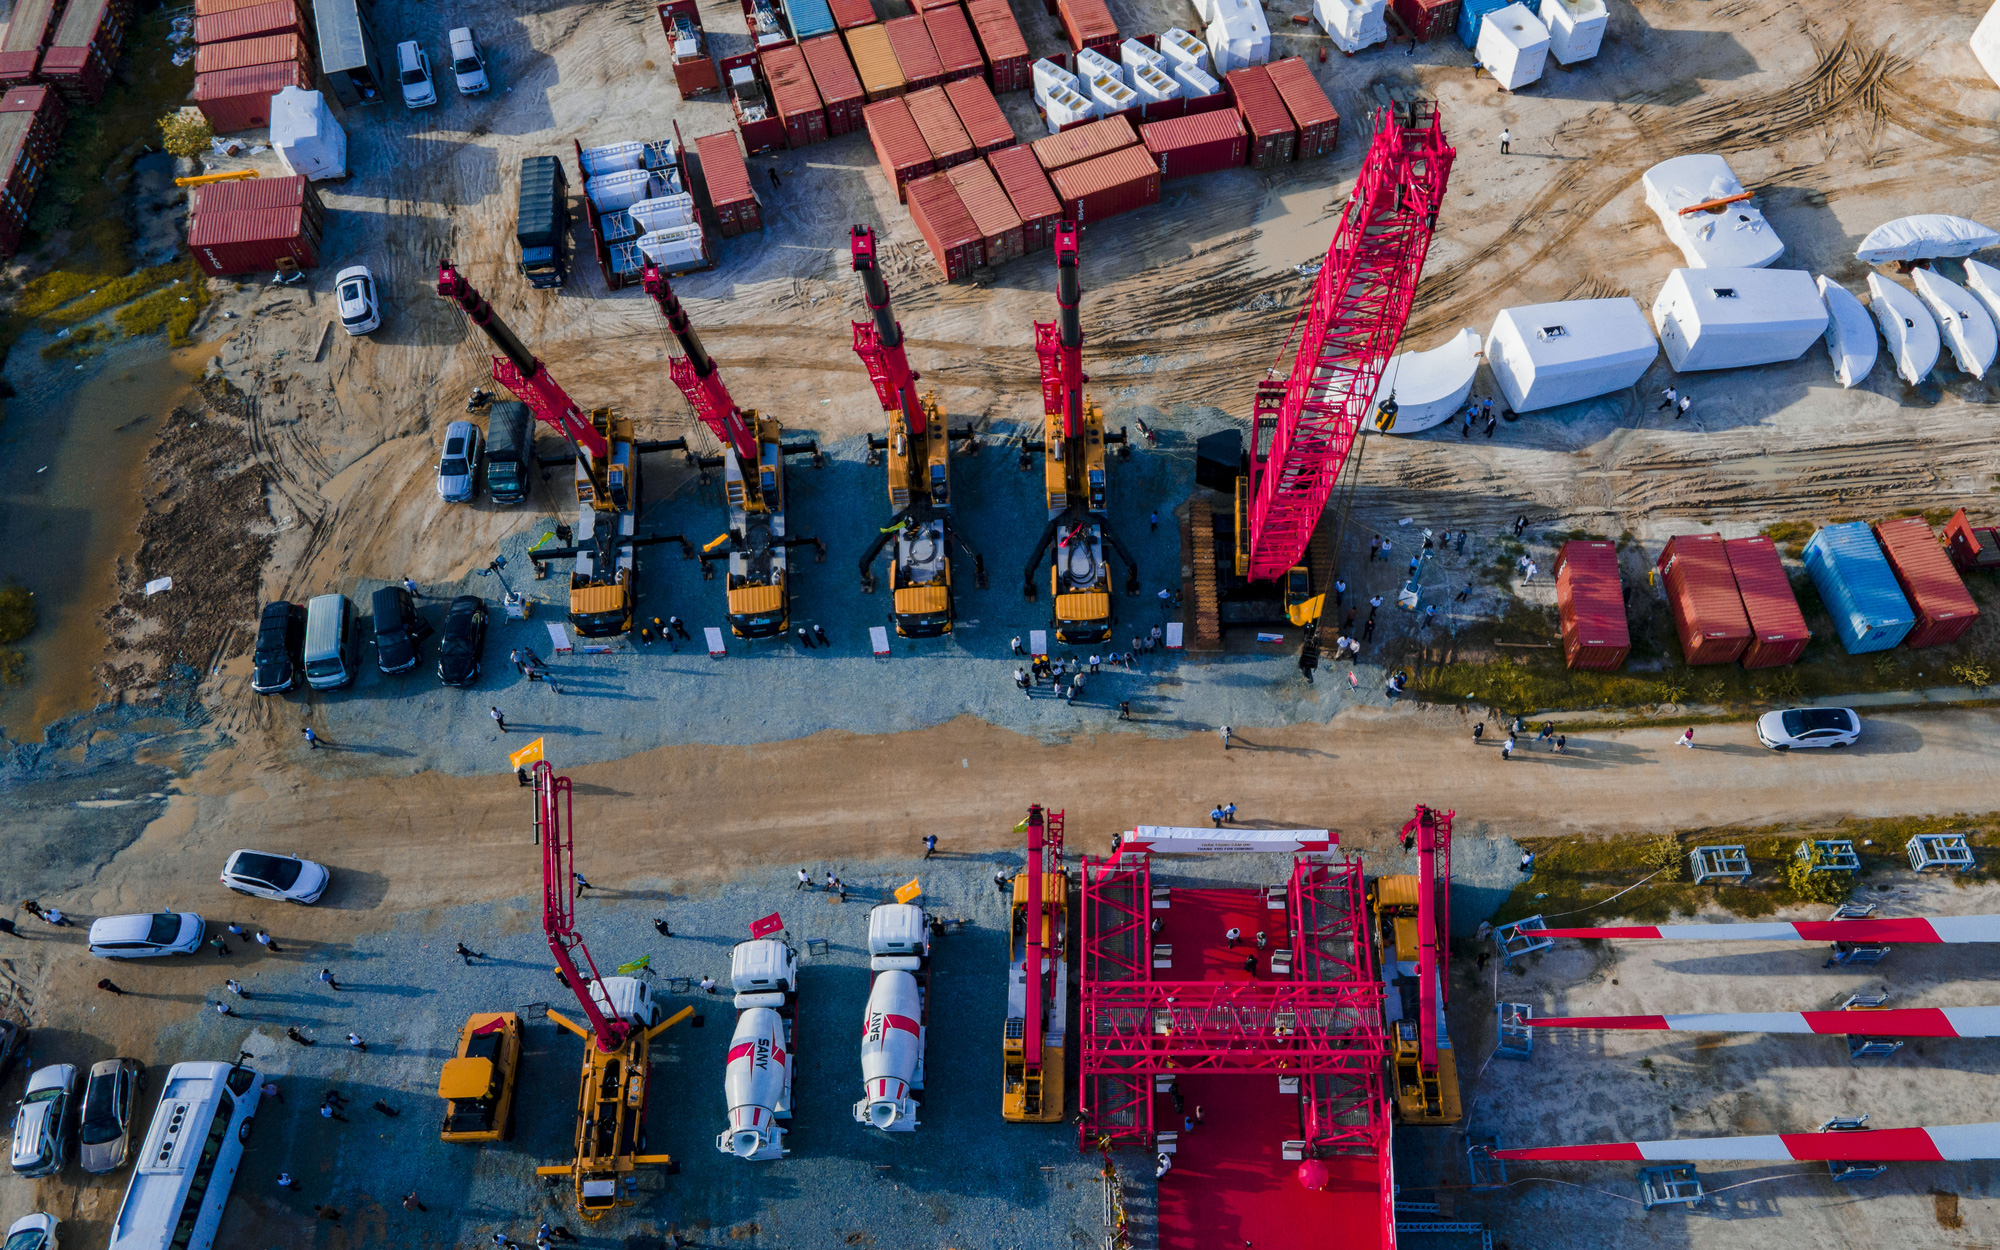 Lễ bàn giao thiết bị phục vụ dự án năng lượng tái tạo trị giá 67 triệu USD   - Ảnh 3.